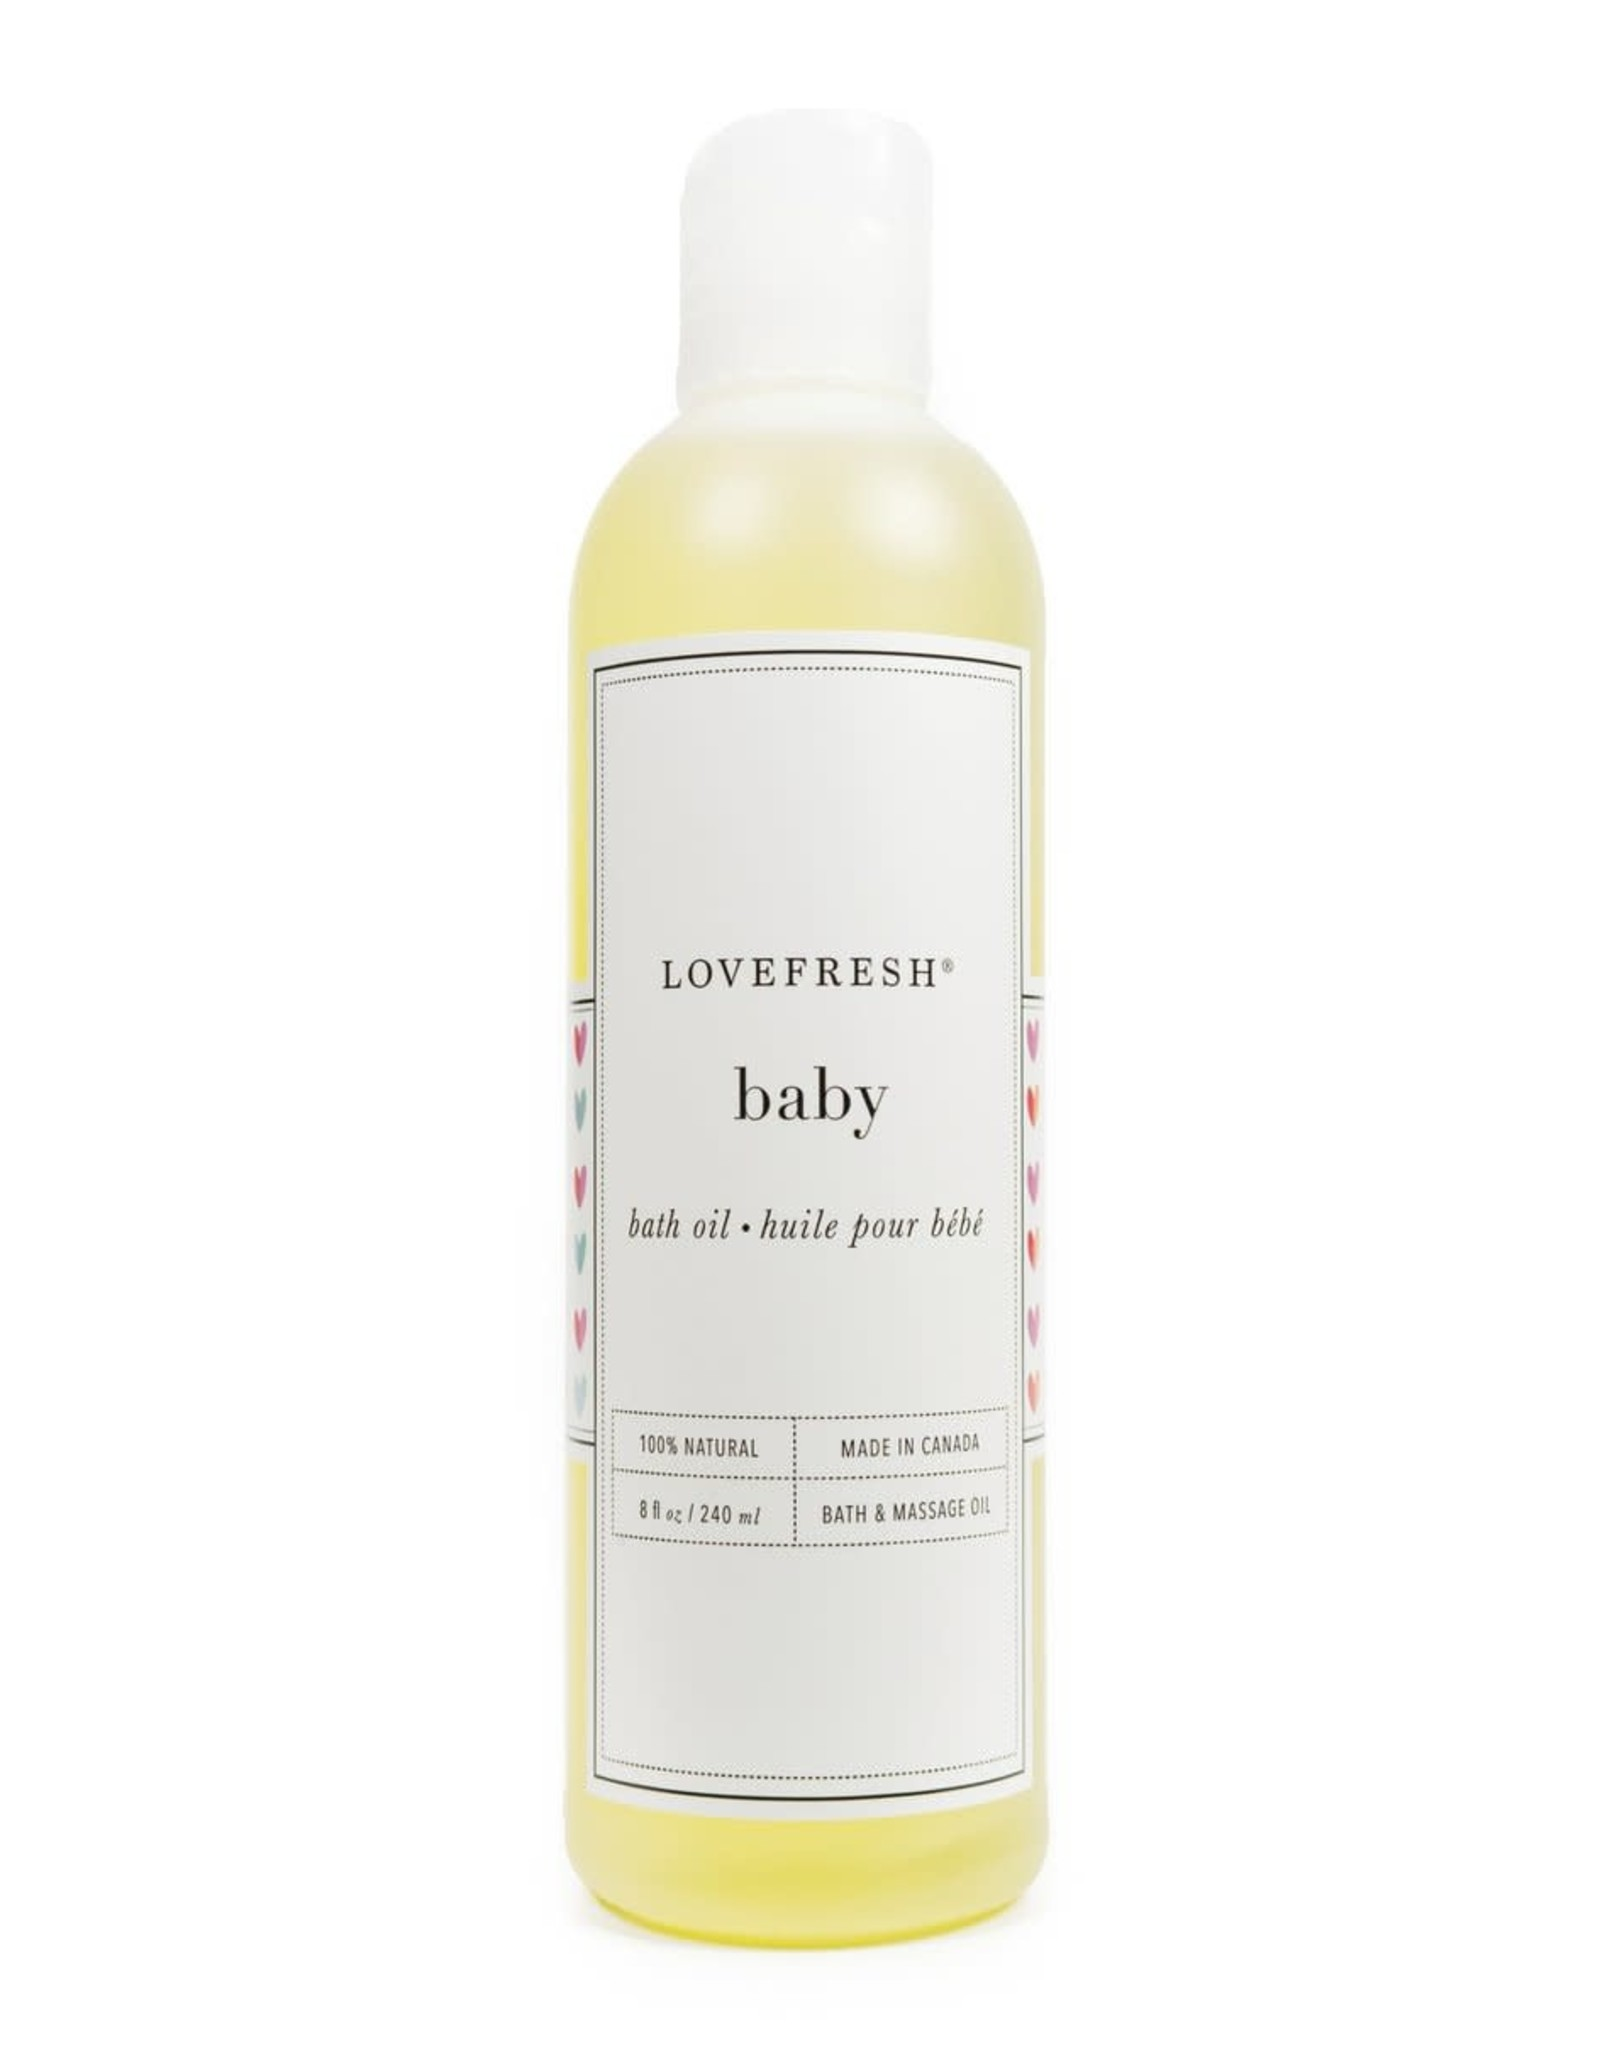 LOVEFRESH Baby Bath & Massage Oil